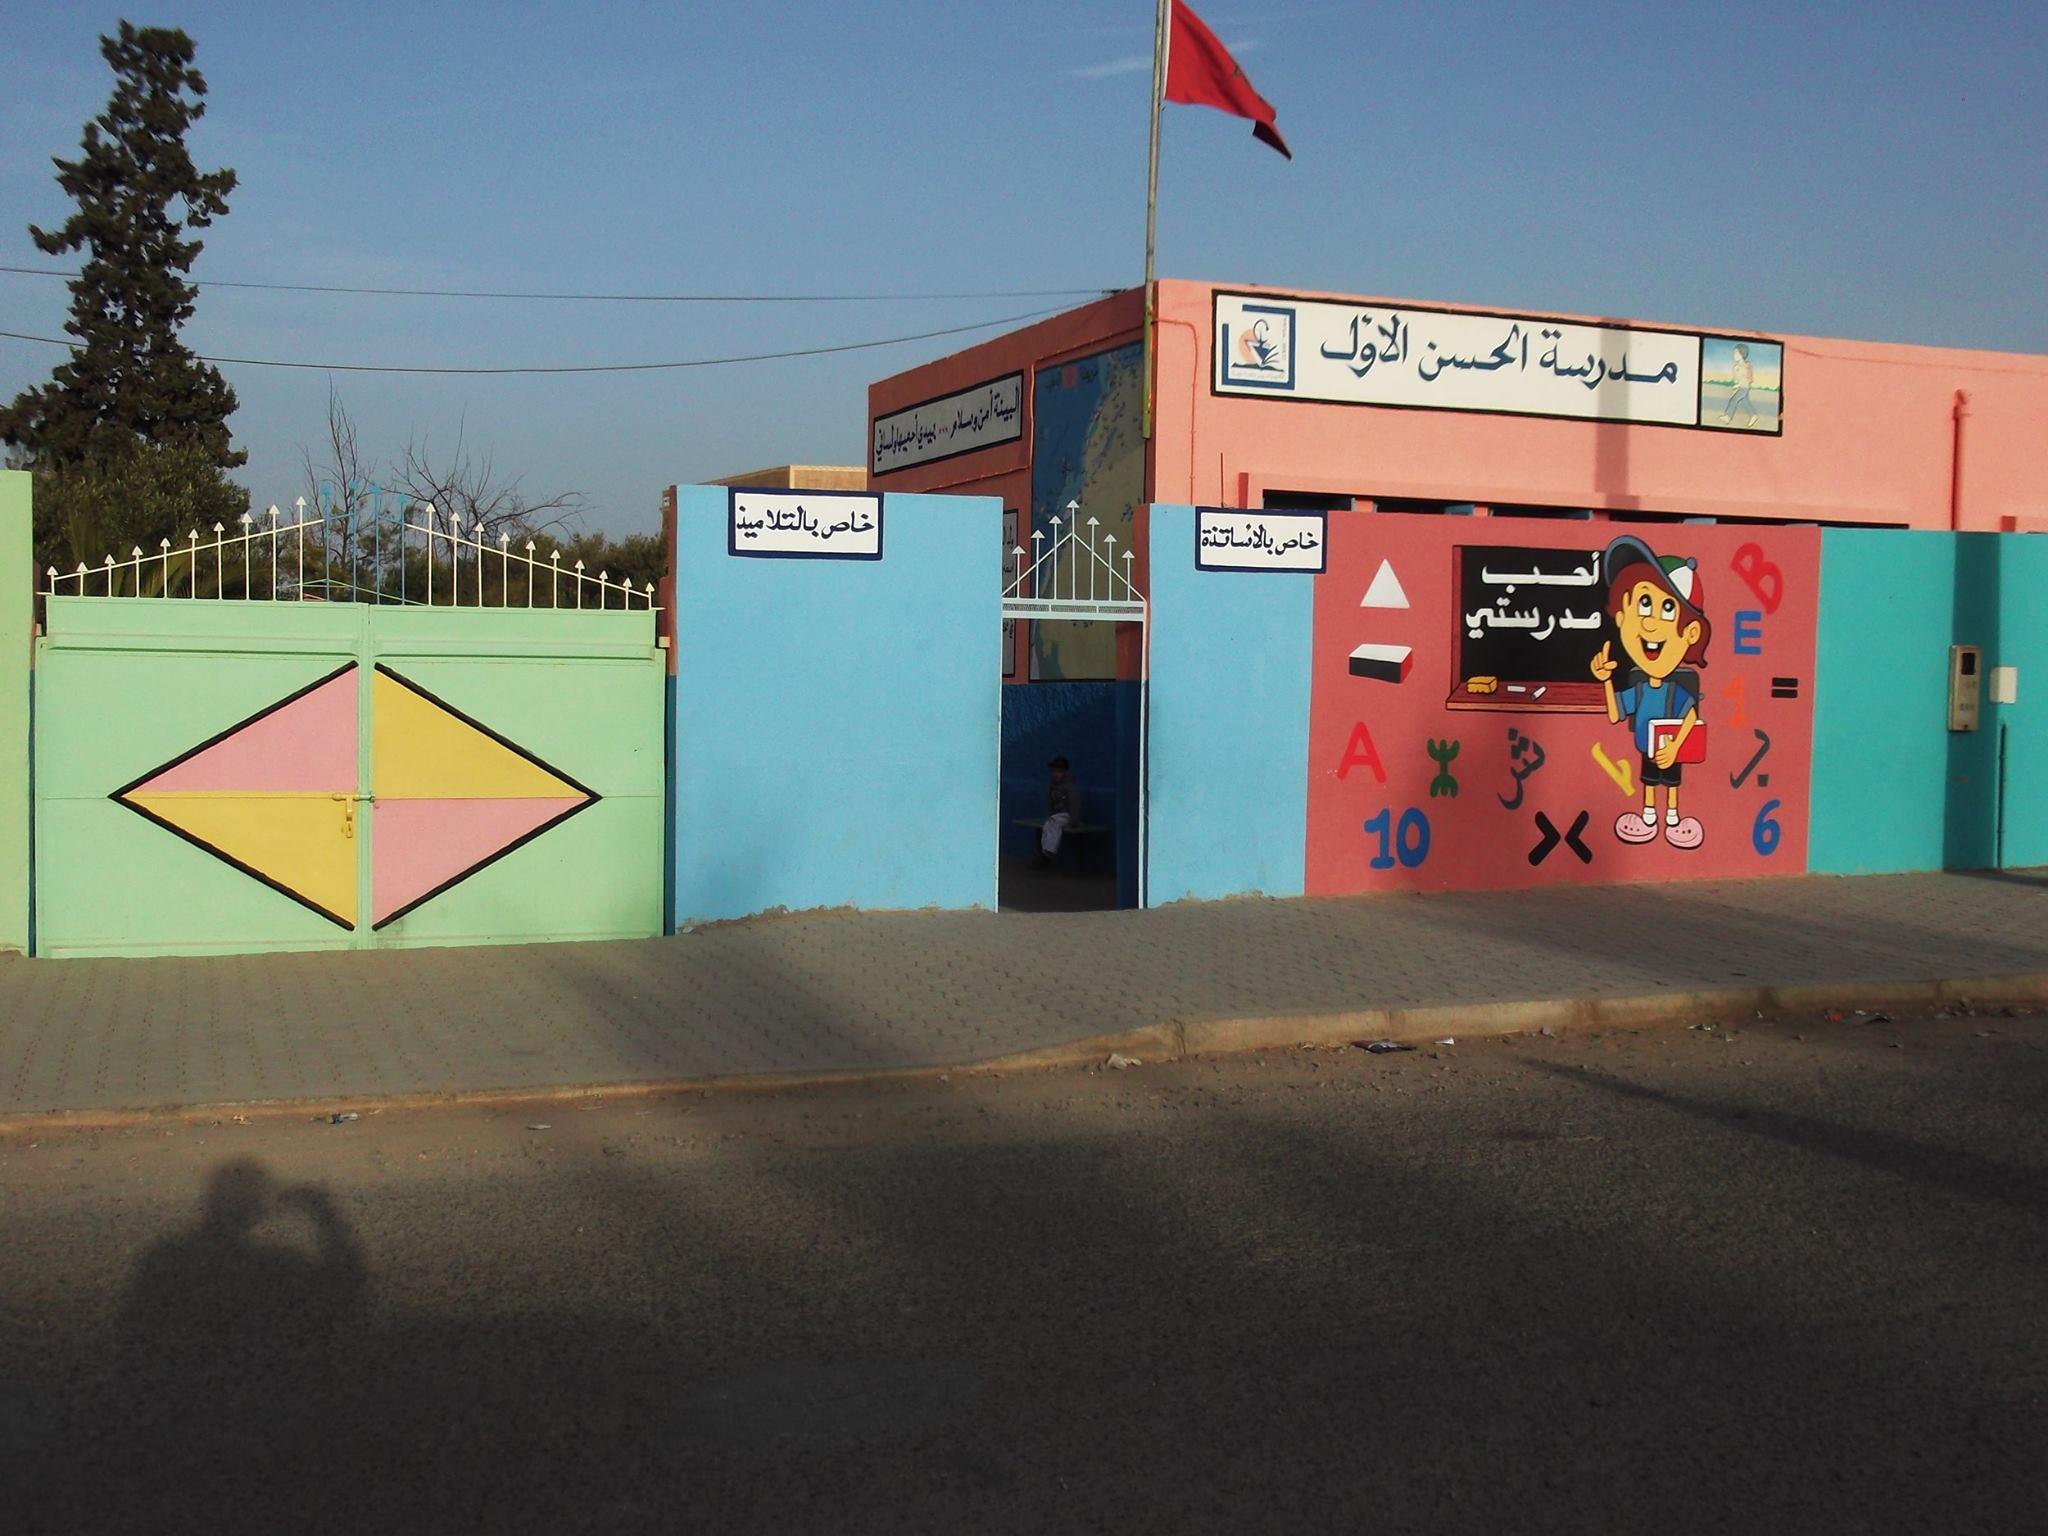 مدرسة الحسن الأول بتيزنيت